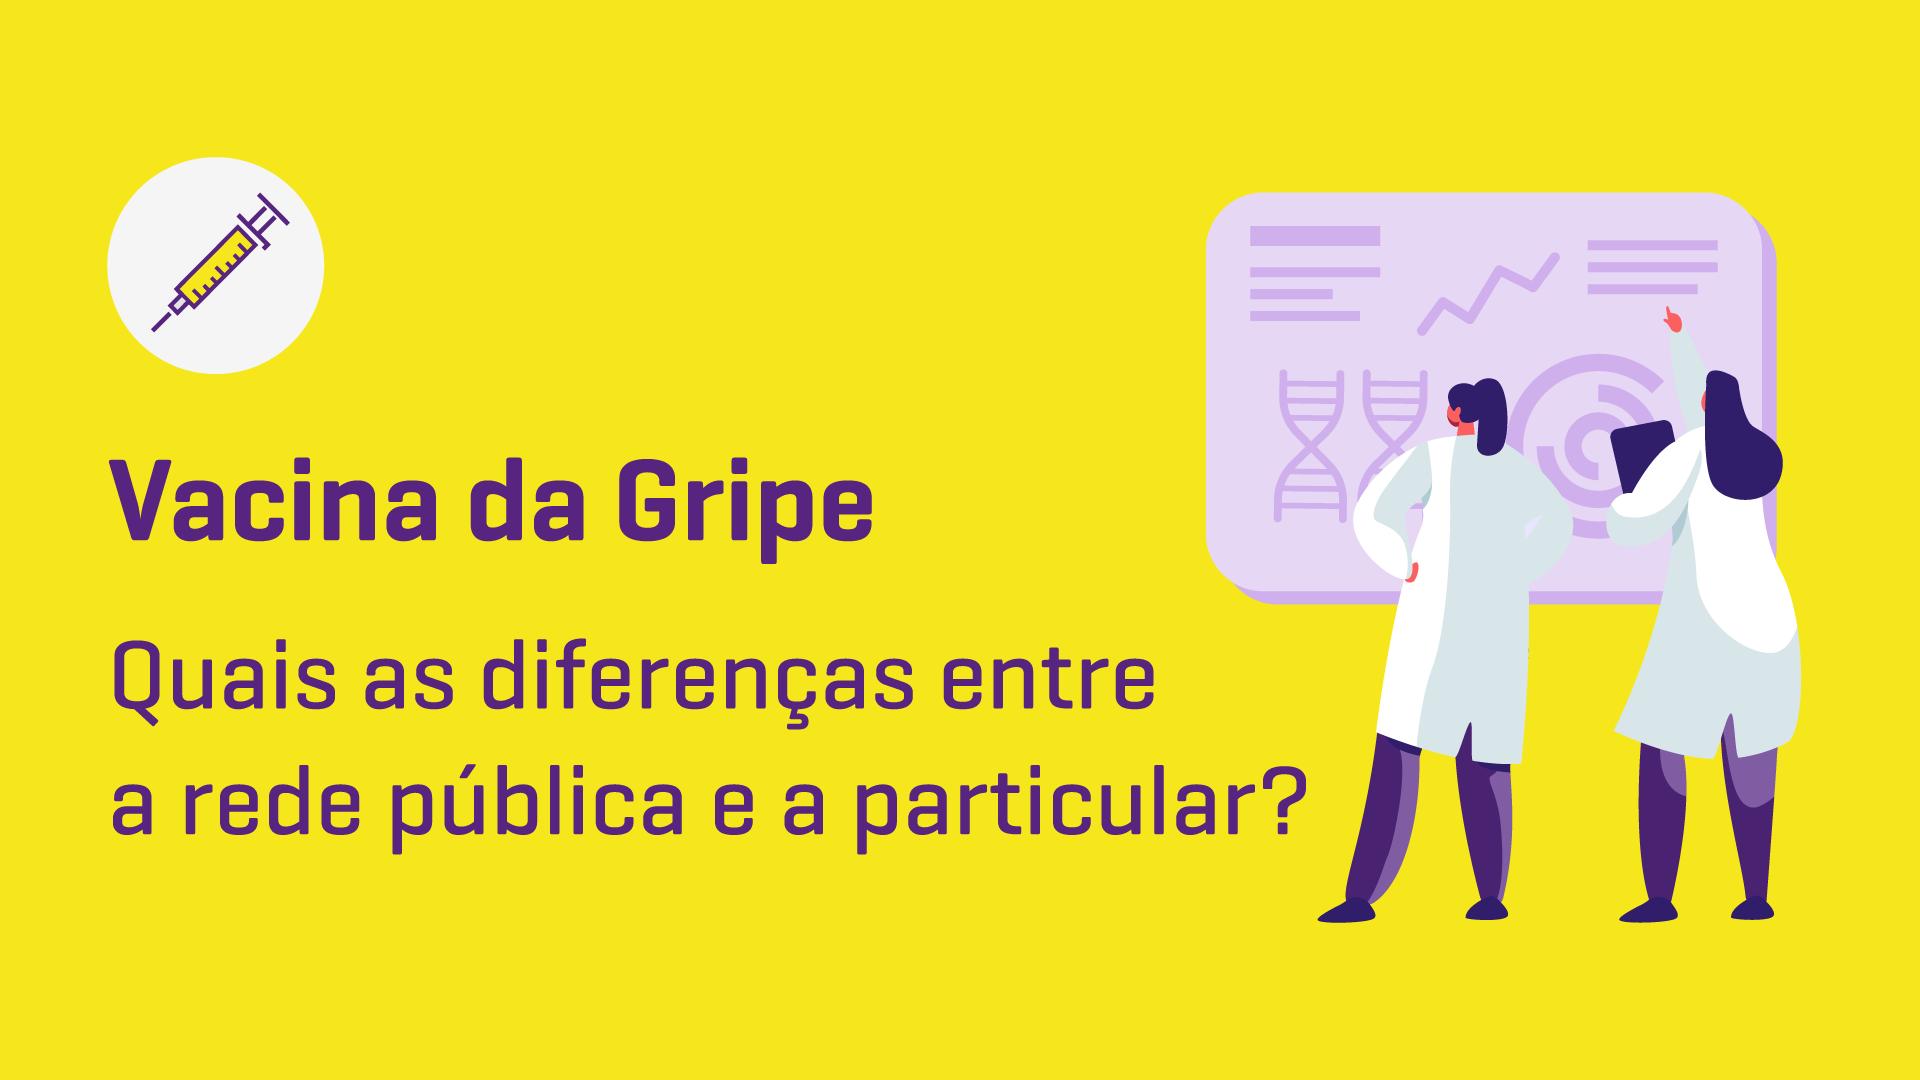 Vacina da Gripe: quais as diferenças entre a rede pública e a particular?